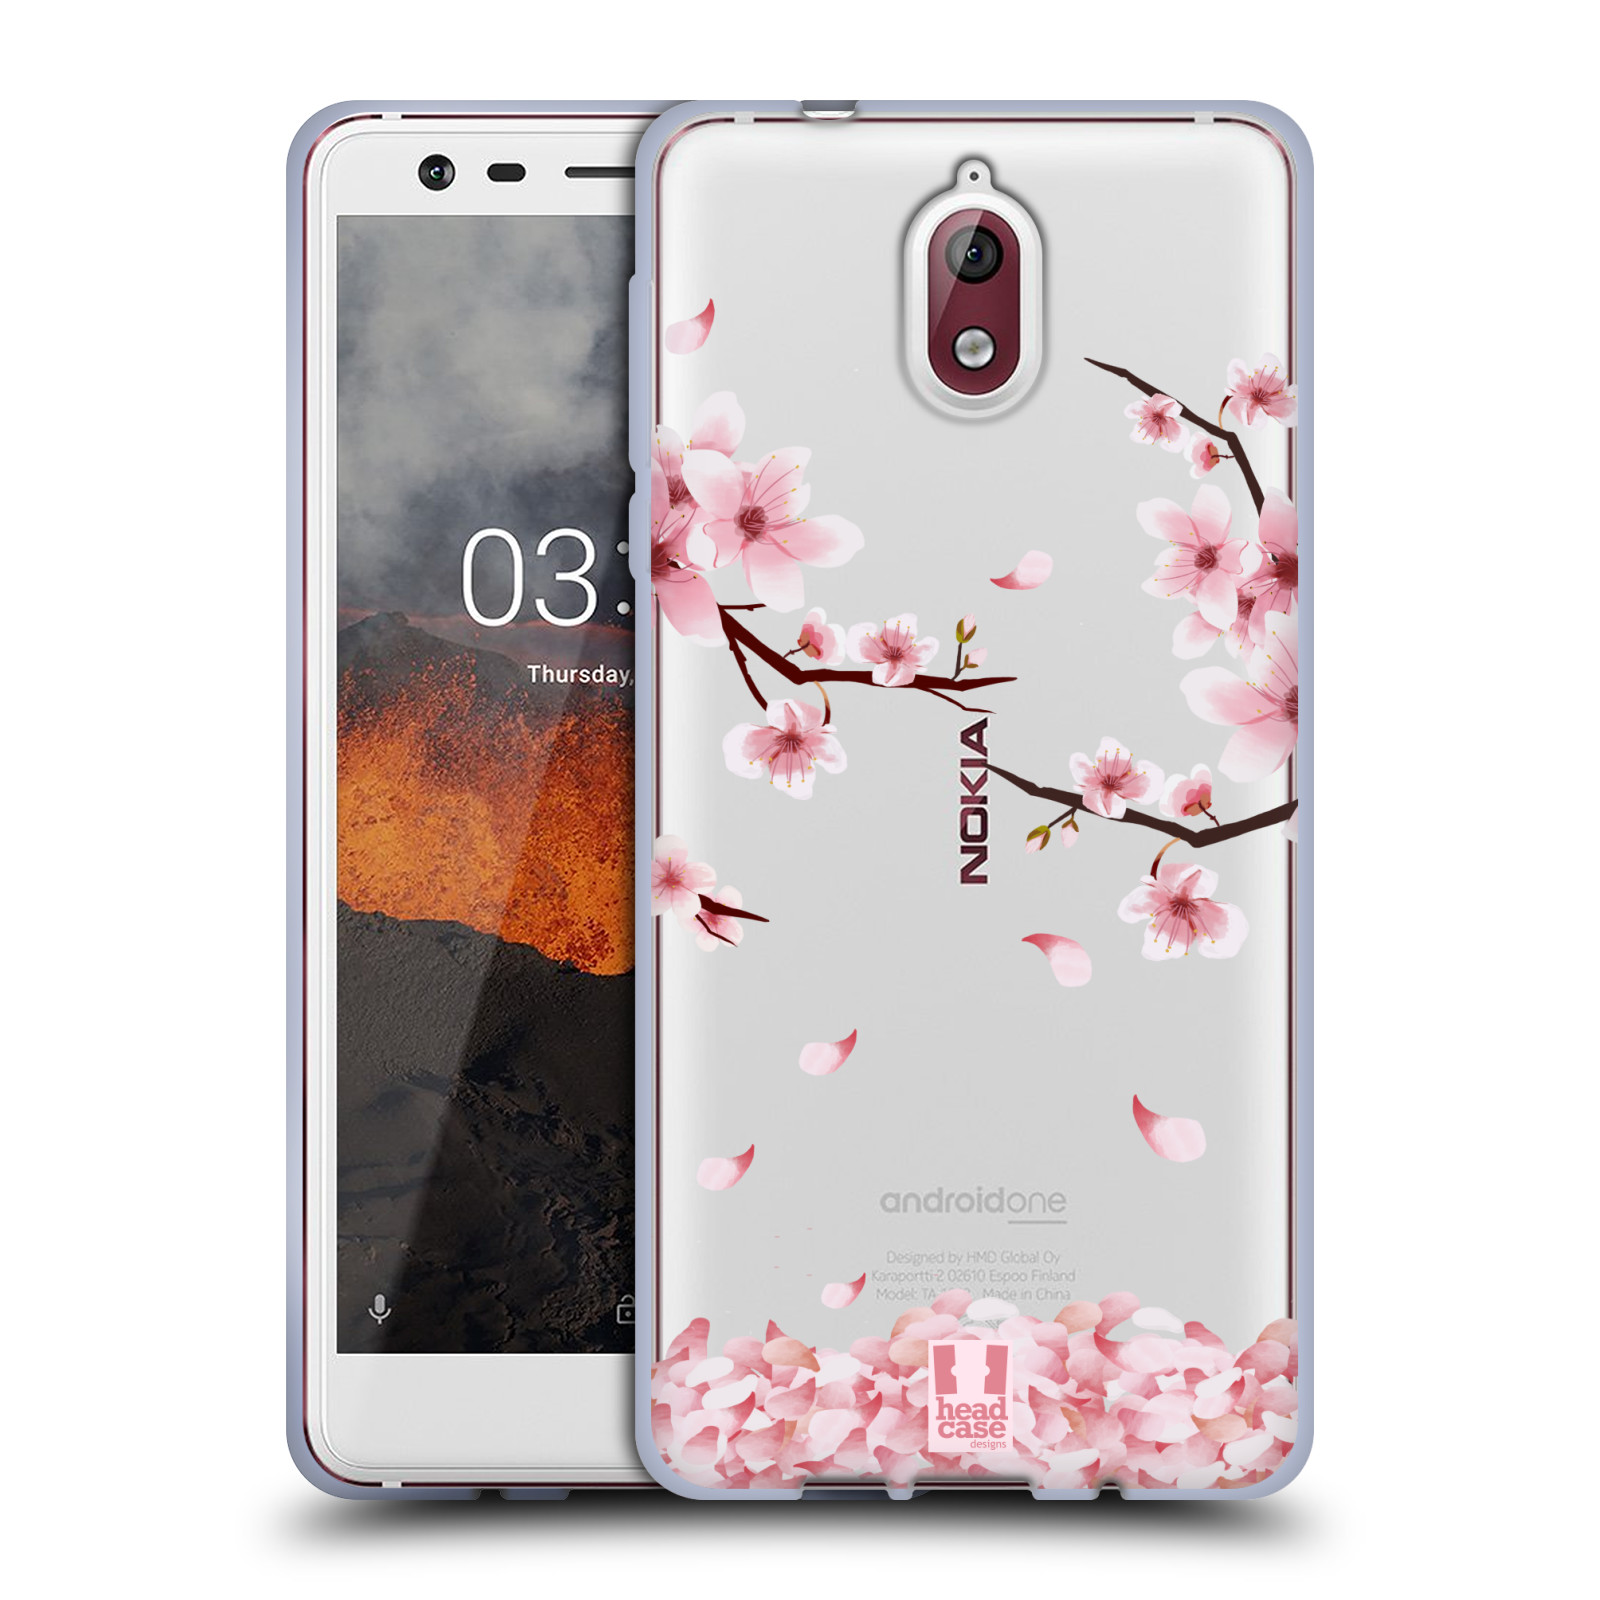 Silikonové pouzdro na mobil Nokia 3.1 - Head Case - Květy a větvičky